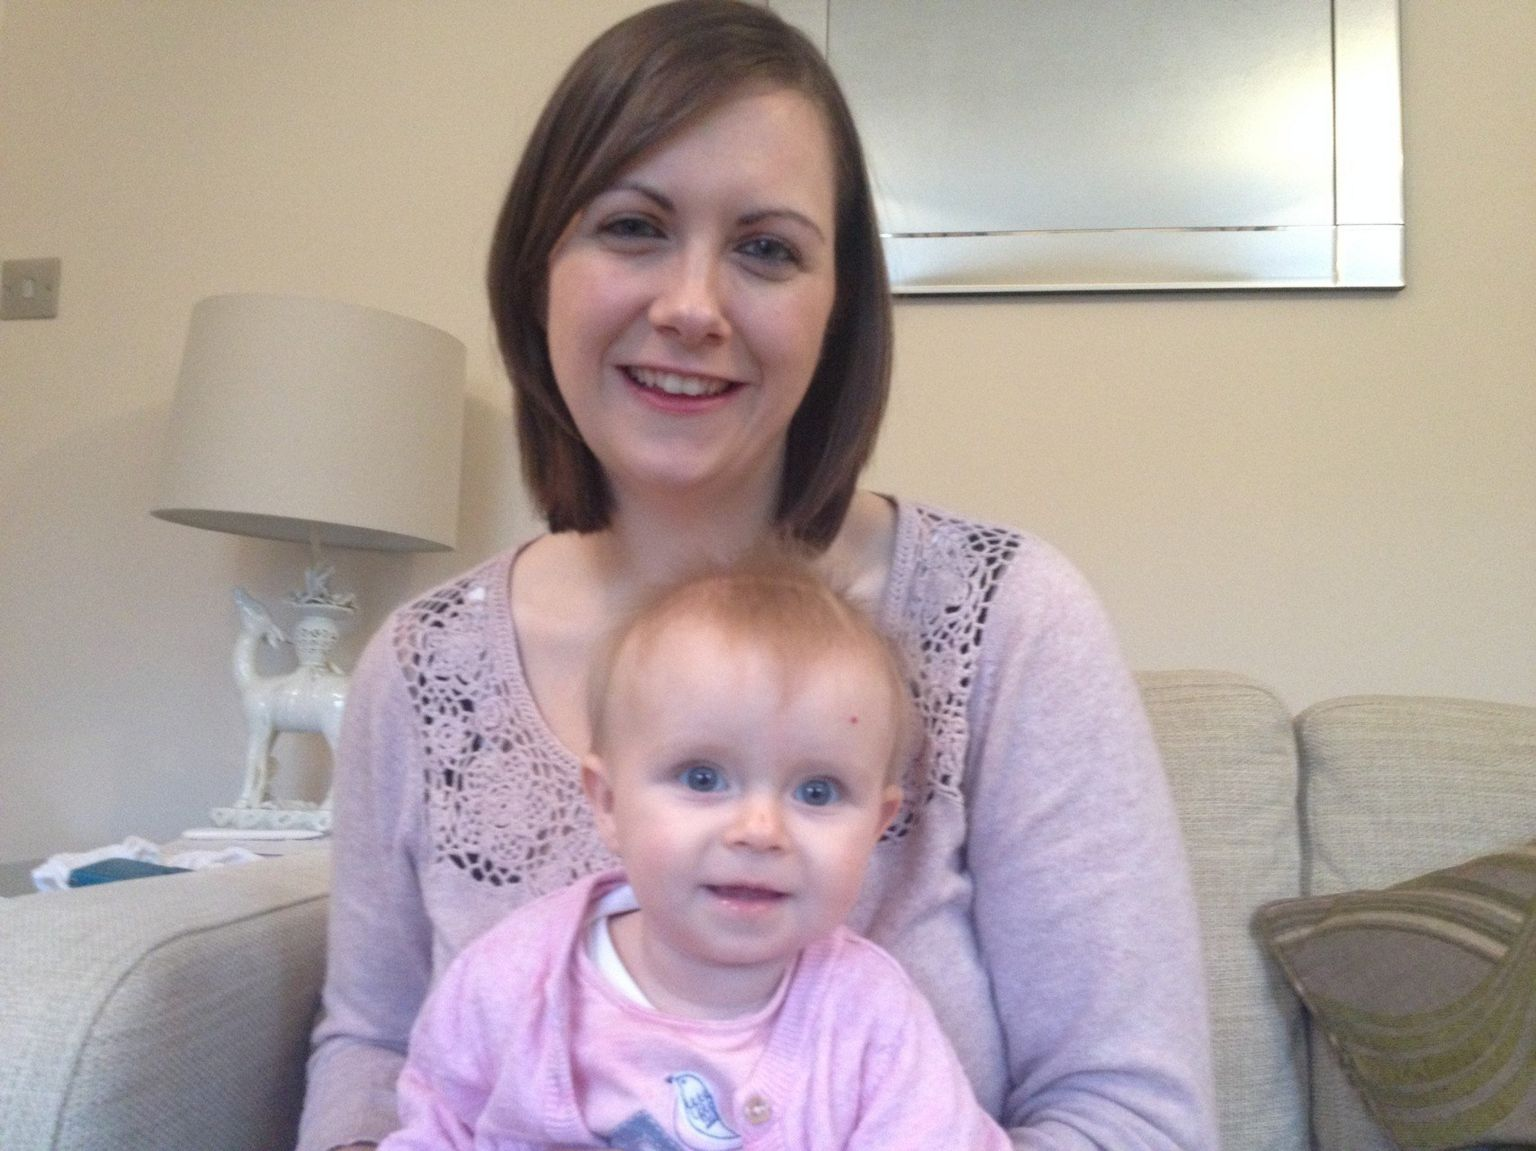 Sarah McHugh and her daughter Harriet